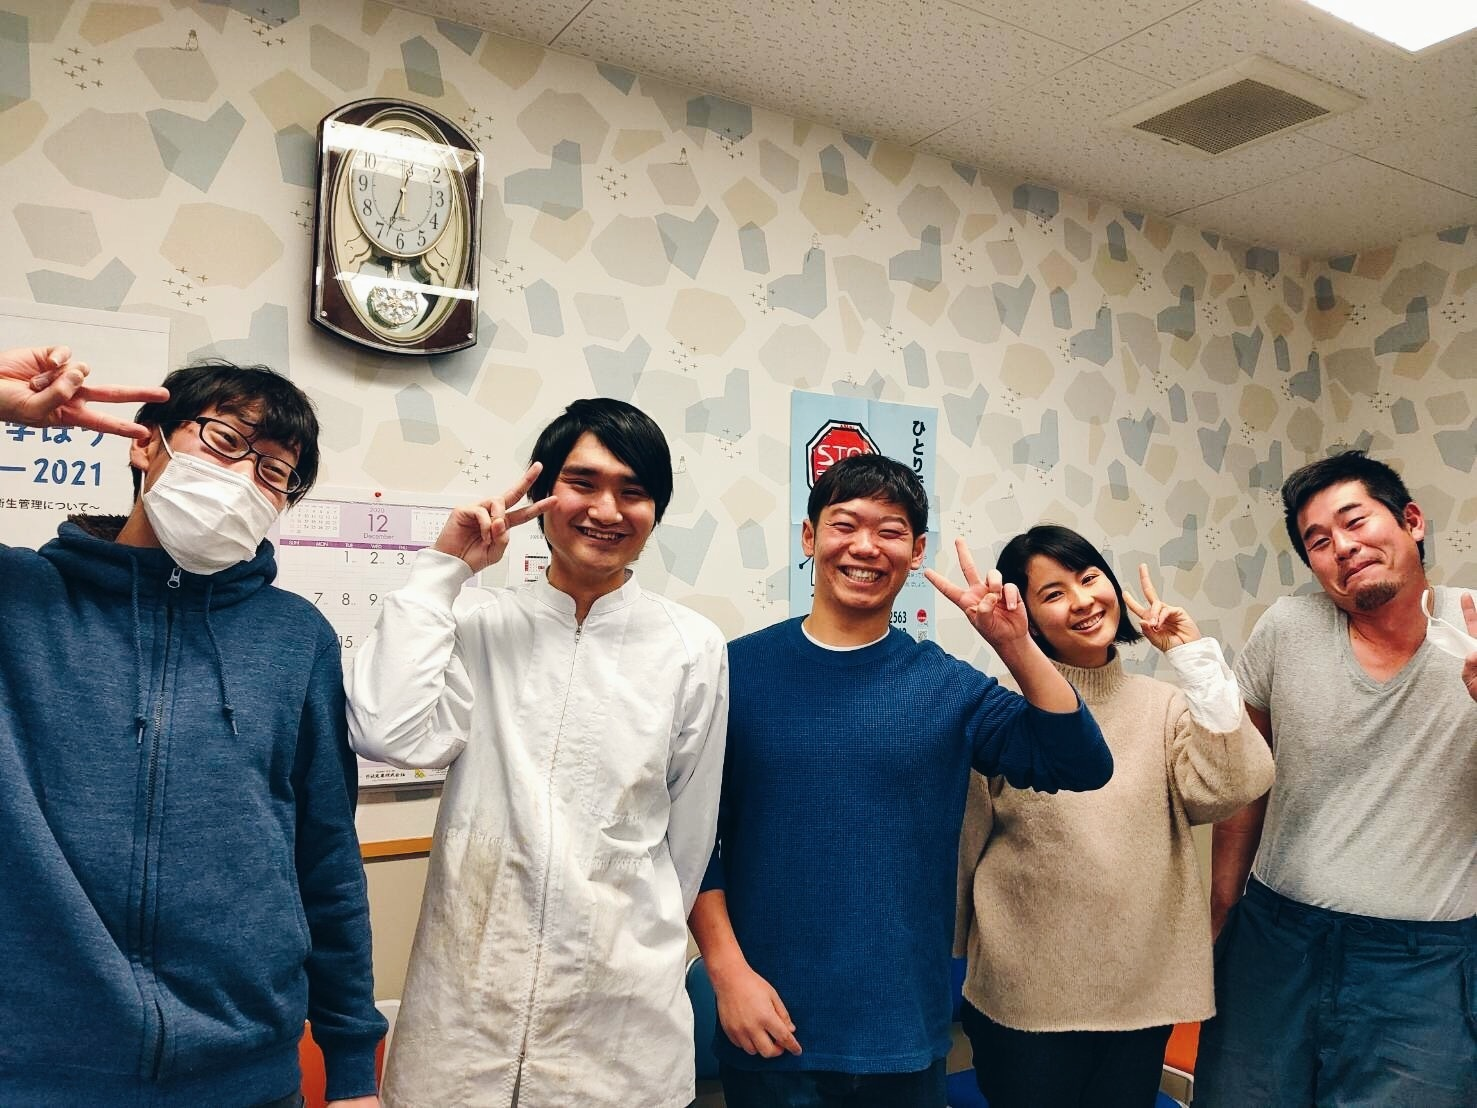 ANA関西空港株式会社様出向最終日に記念撮影📷